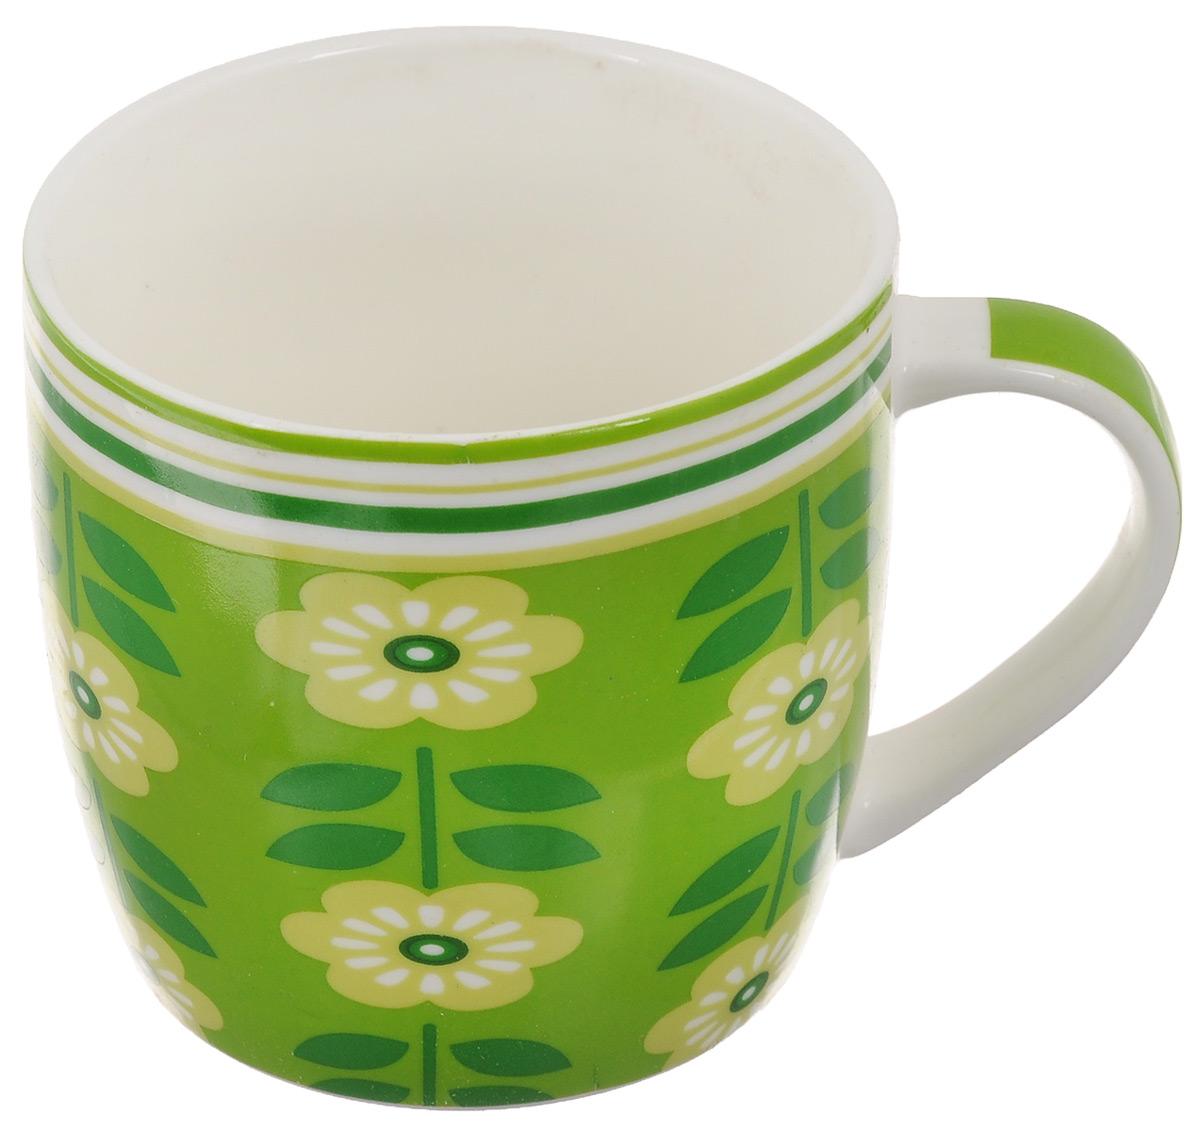 Кружка Loraine Цветы, цвет: зеленый, салатовый, белый, 320 мл24474Оригинальная кружка Loraine Цветы выполнена из костяного фарфора и оформлена красочным изображением. Она станет отличным дополнением к сервировке семейного стола и замечательным подарком для ваших родных и друзей.Диаметр кружки (по верхнему краю): 8,5 см.Высота кружки: 8,4 см.